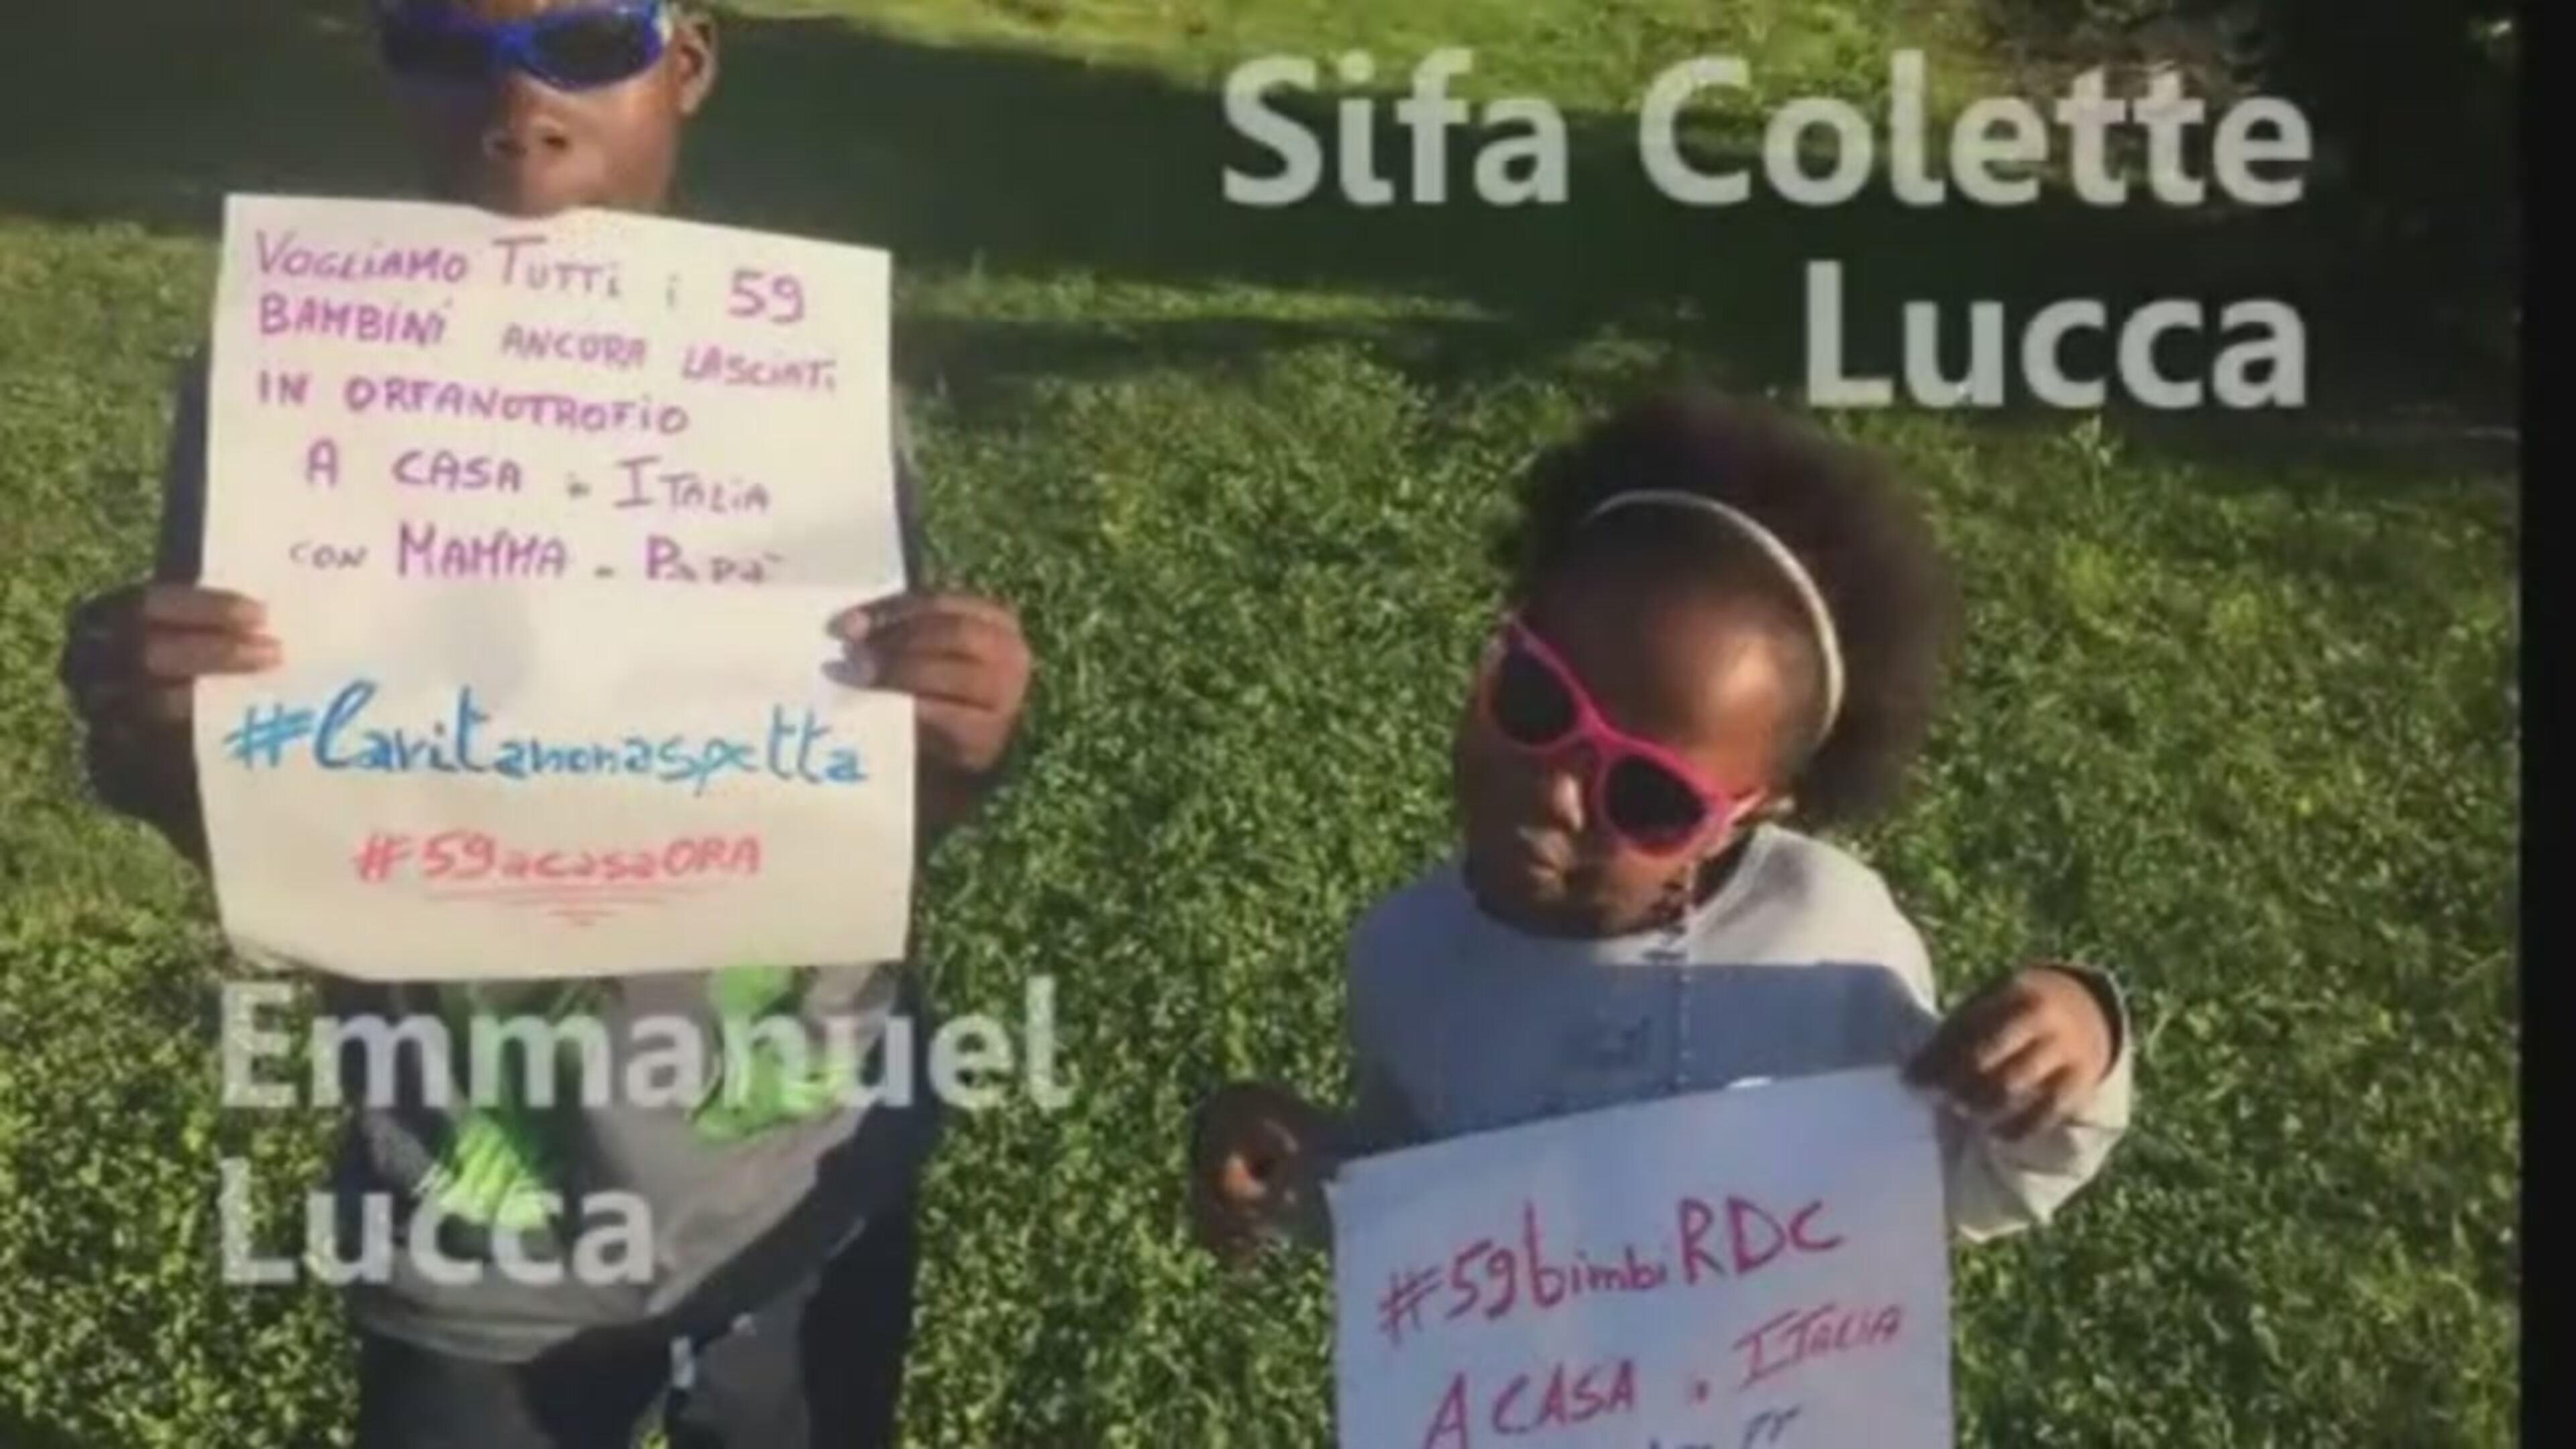 Adozioni dal Congo, l'appello dei bambini già in Italia